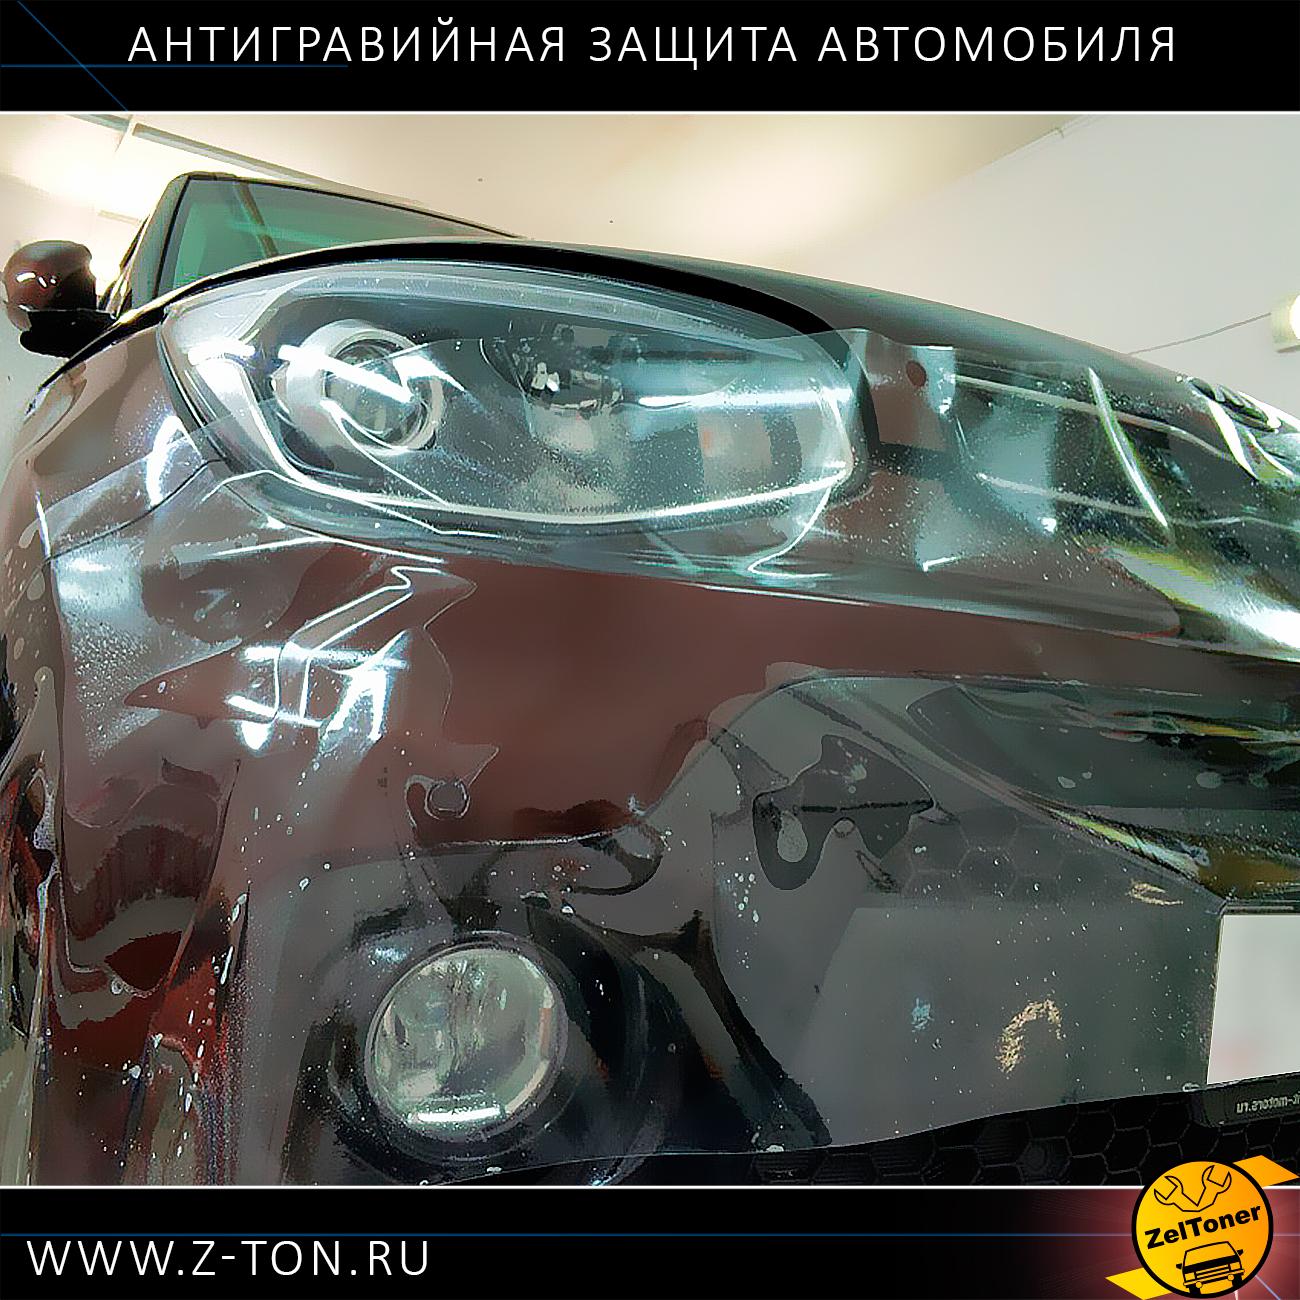 Бронирование автомобиля | Антигравийная защита | Защитная оклейка пленкой